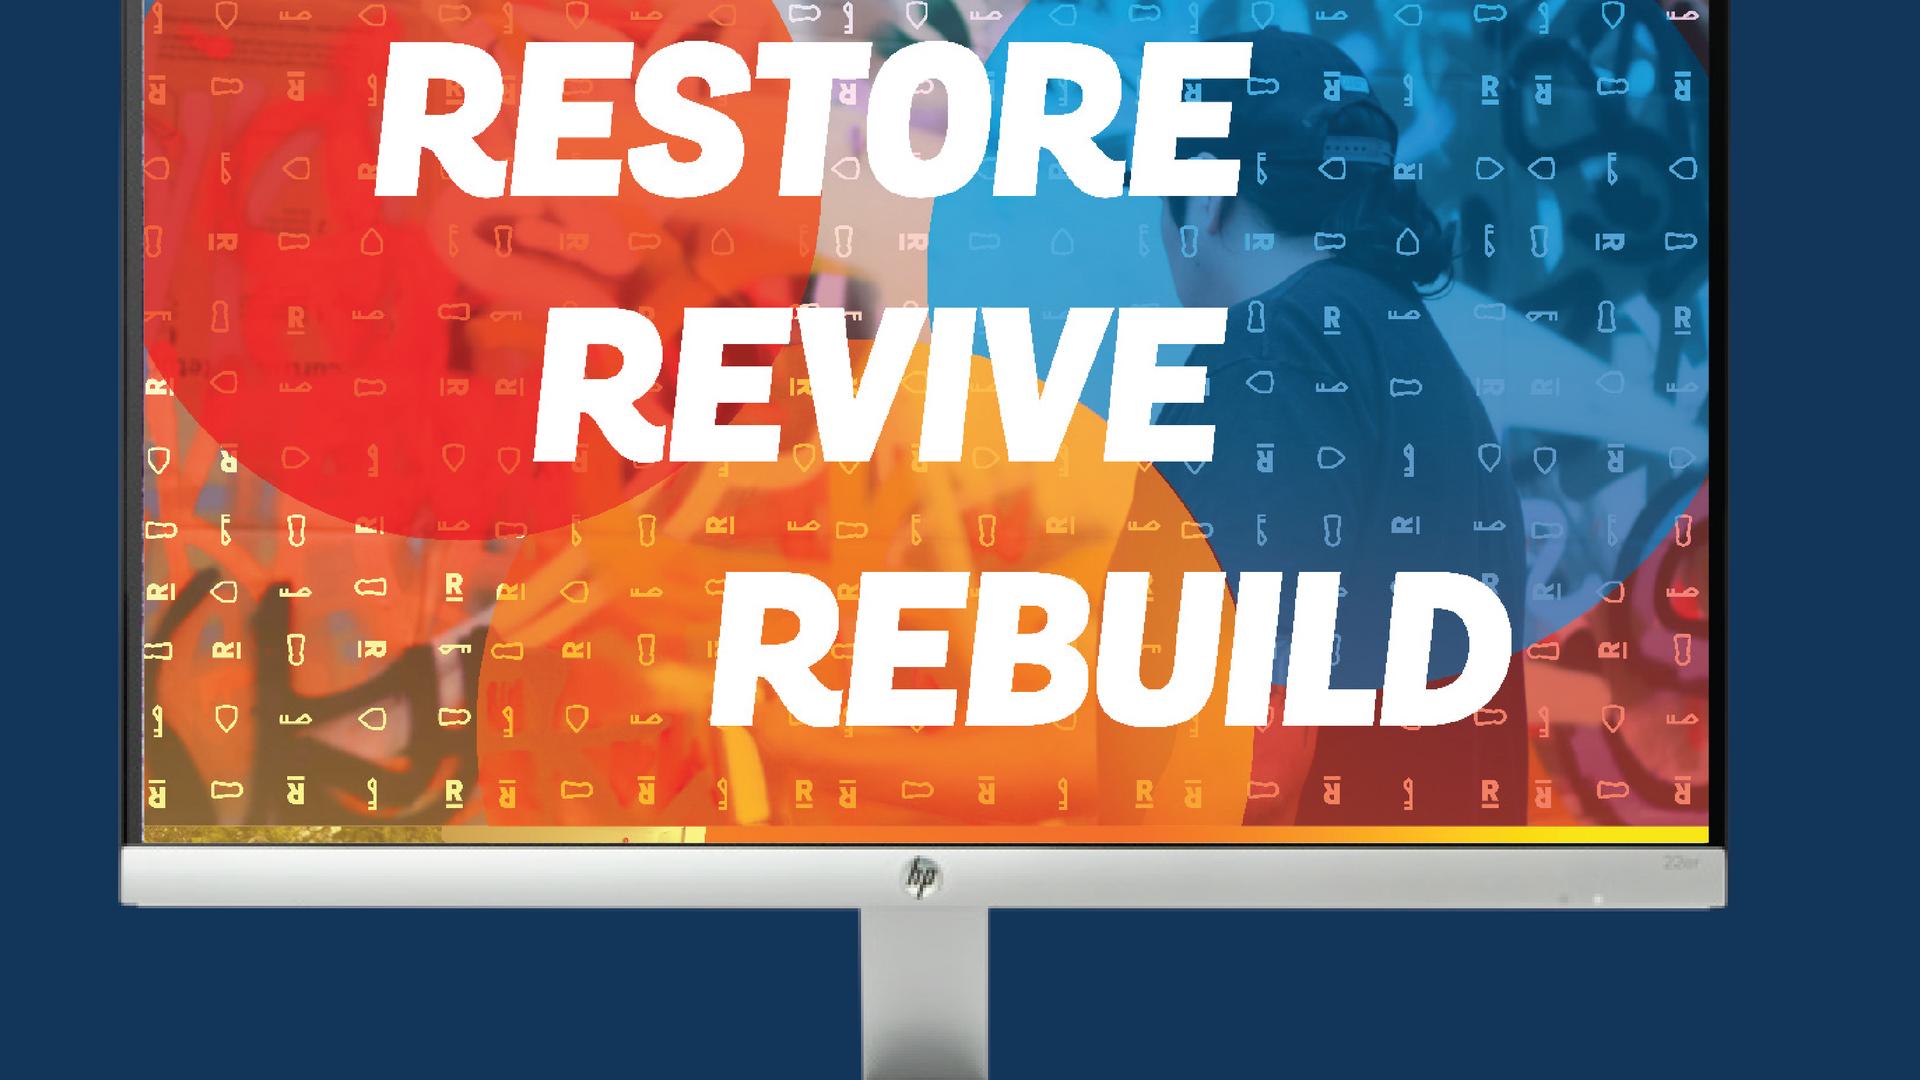 ReFreshed Website, 2019